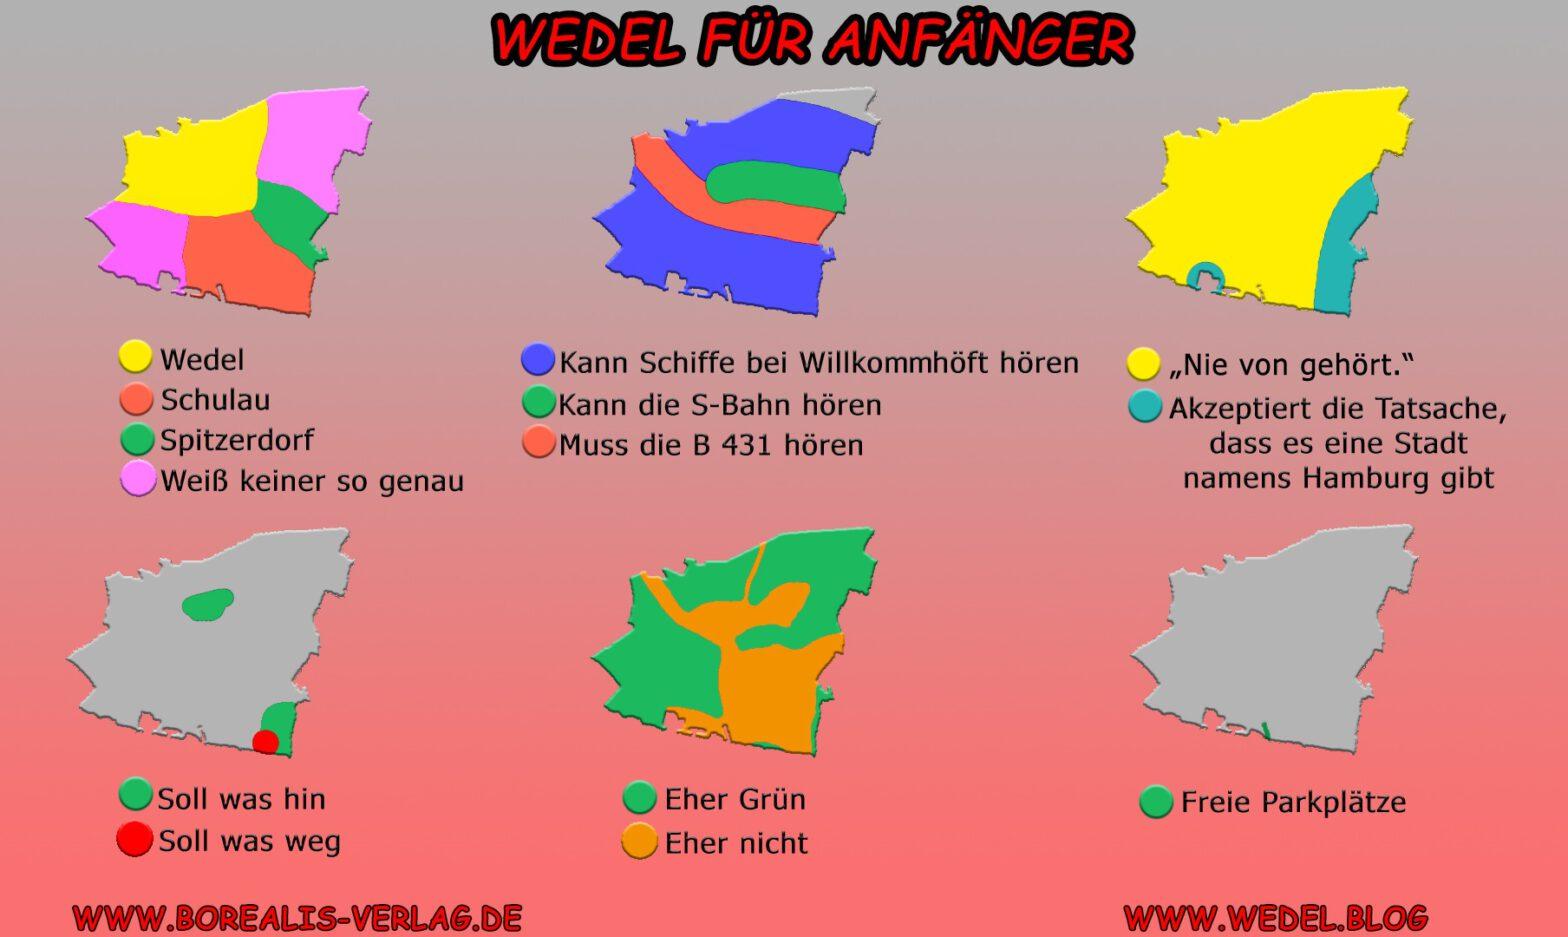 Kolumne: Die Vorurteils-Karte von Wedel!